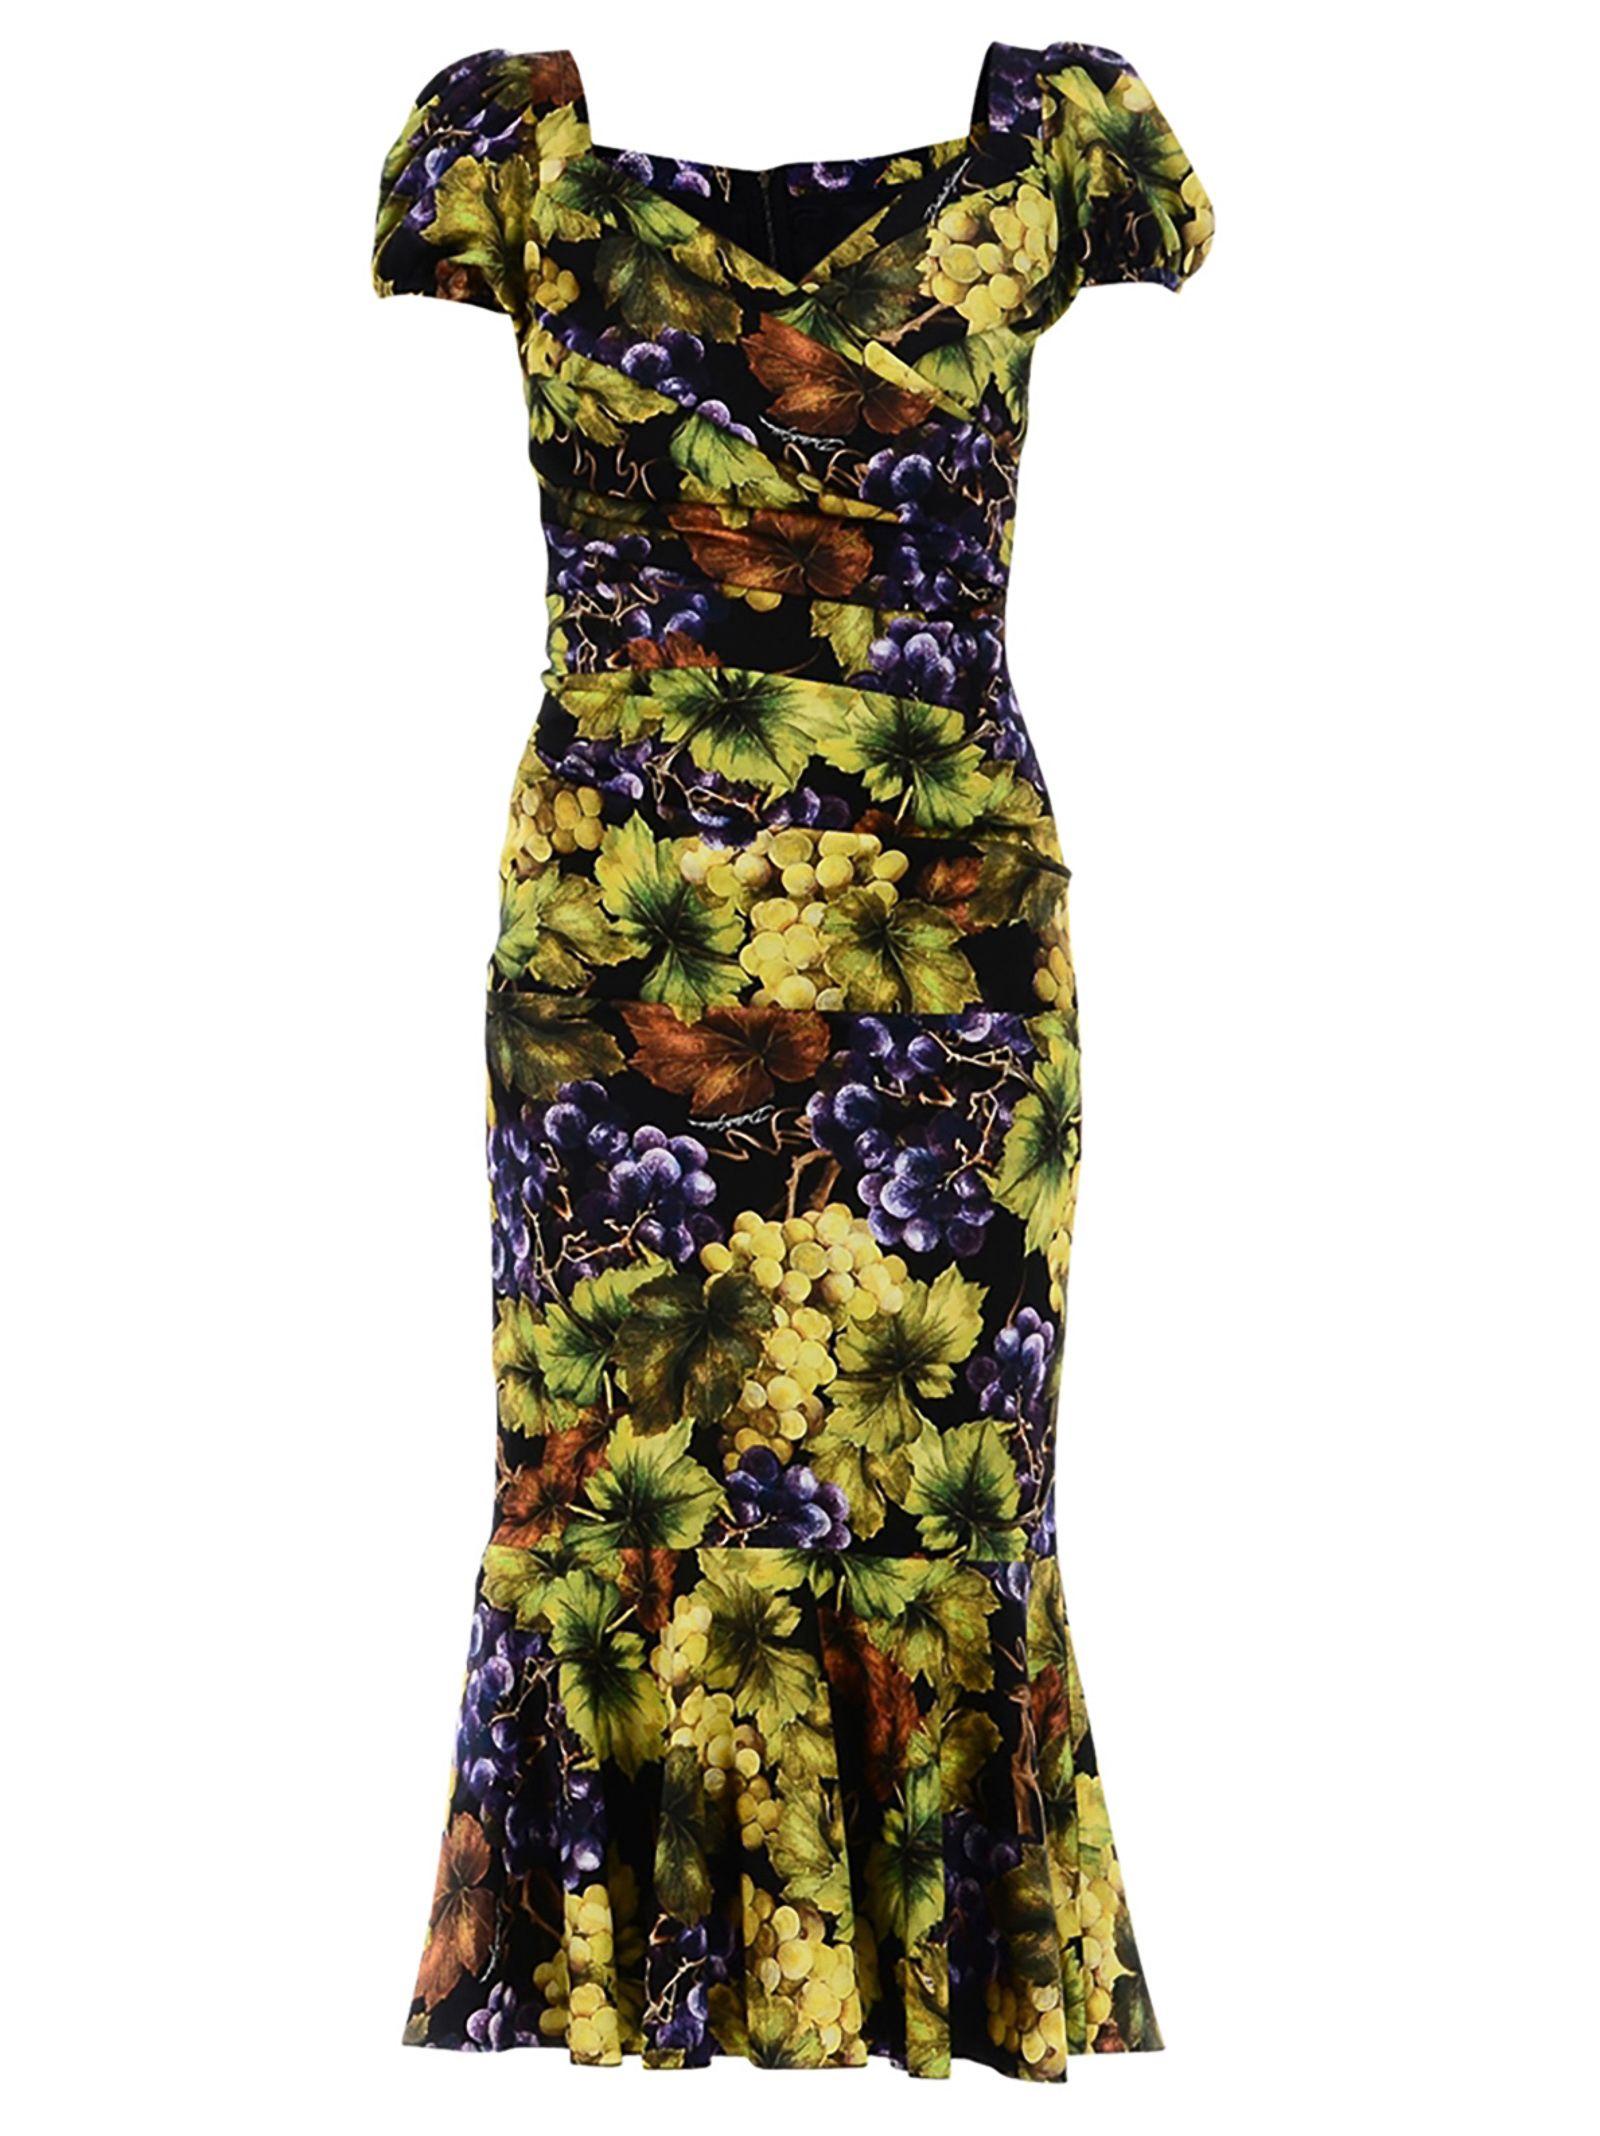 Dolce & Gabbana Dolce & gabbana Dress